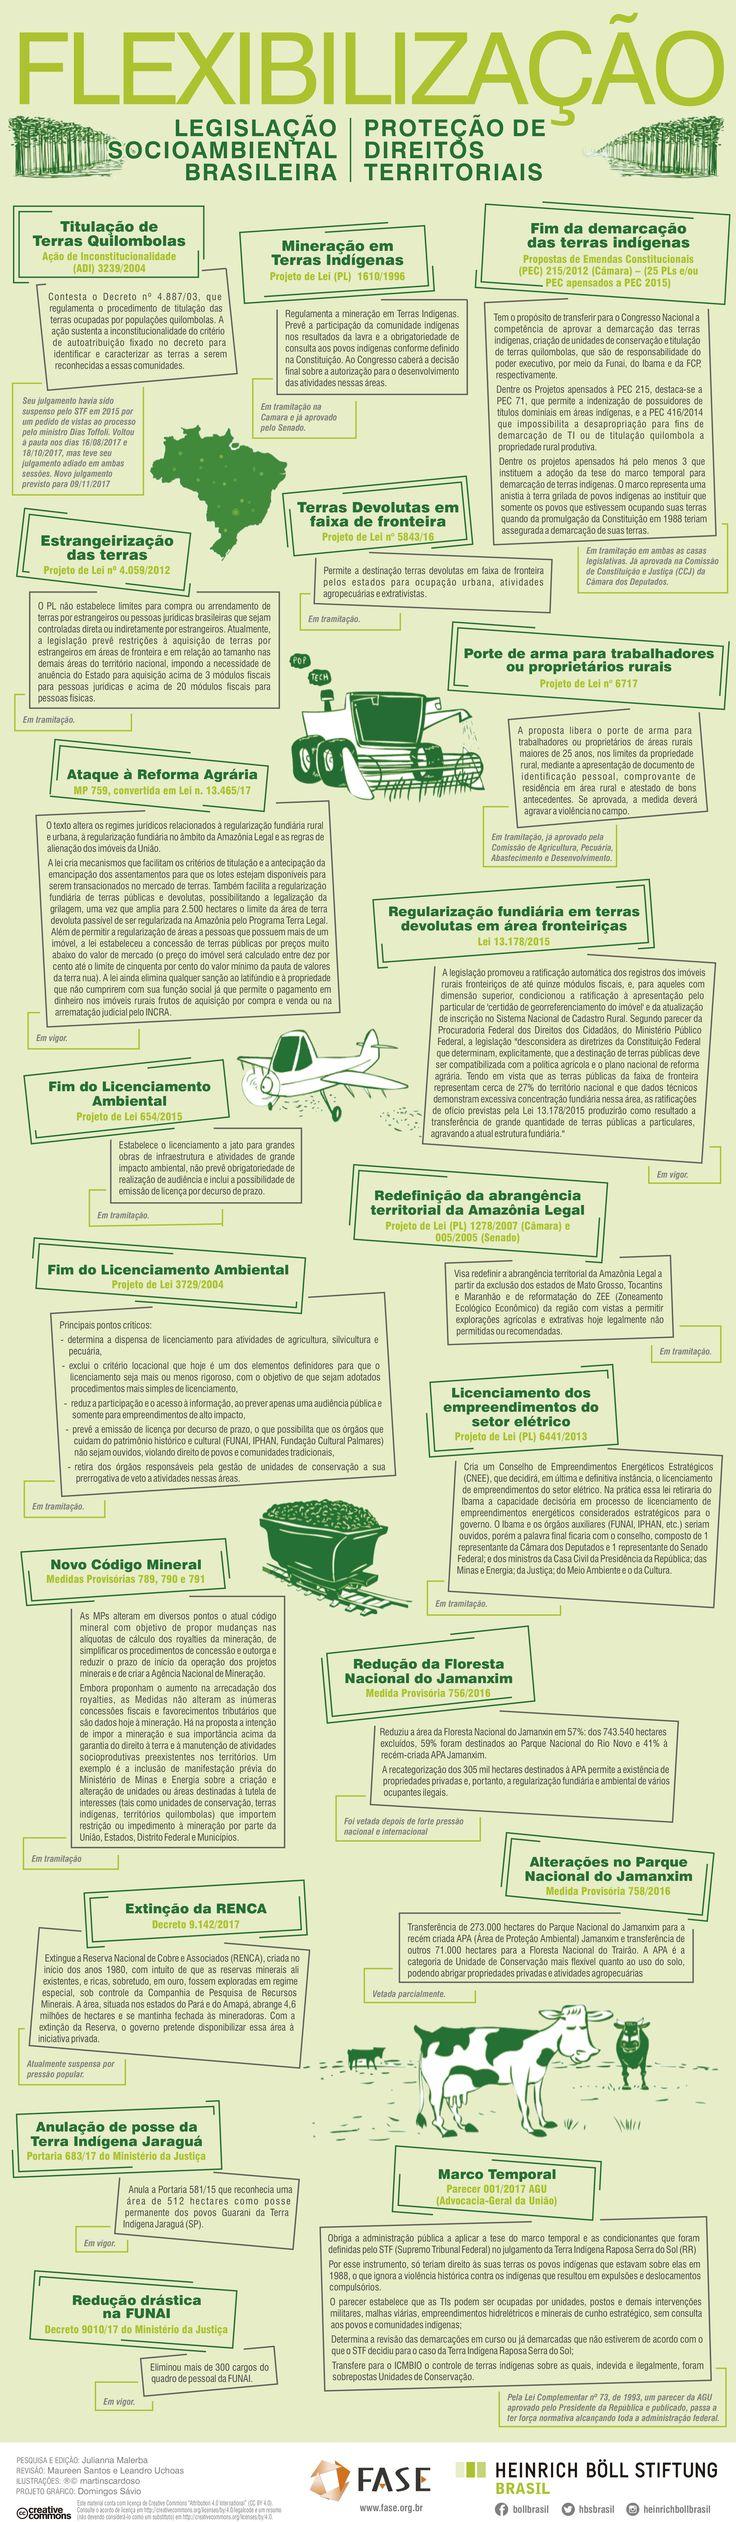 Nos últimos cinco anos, a legislação socioambiental nacional tem sofrido constantes ataques, especialmente através de medidas propostas e/ou aprovadas pelo Congresso Nacional e pelo governo federal. O quadro se agravou dramaticamente no último ano. Neste contexto, a Fundação Heinrich Böll Brasil faz um balanço do cenário.